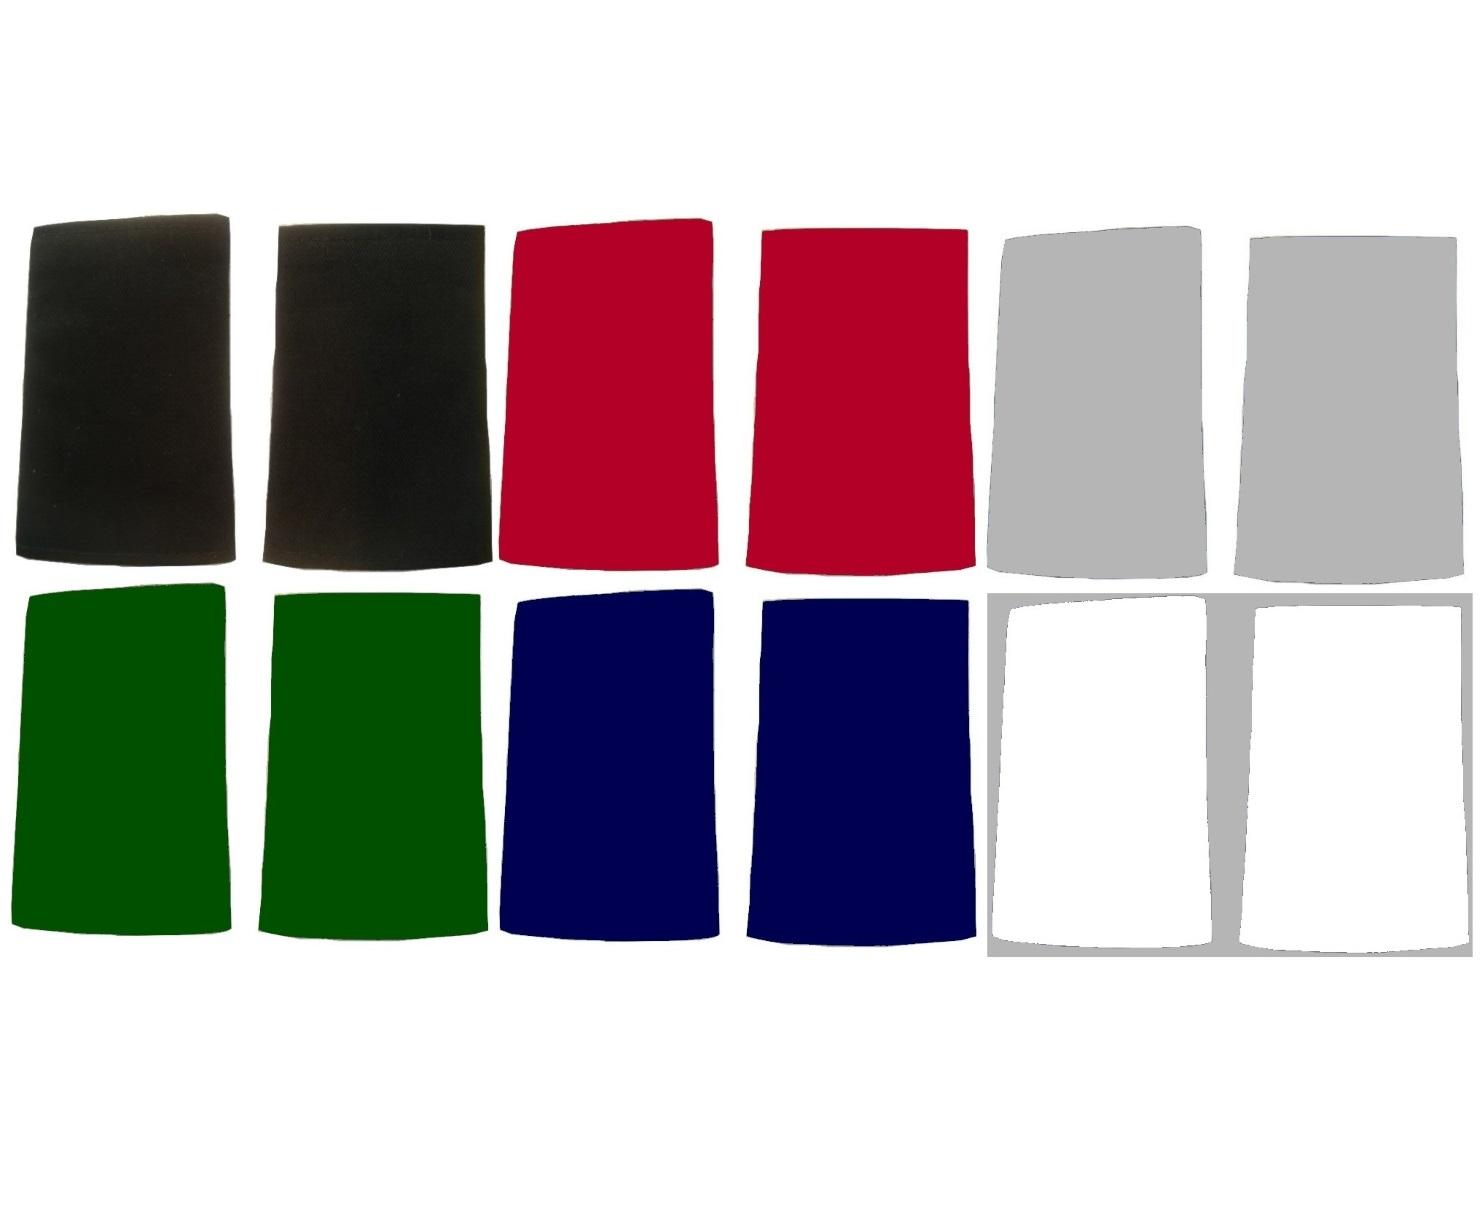 shoulderboards-epaulets-solid-color